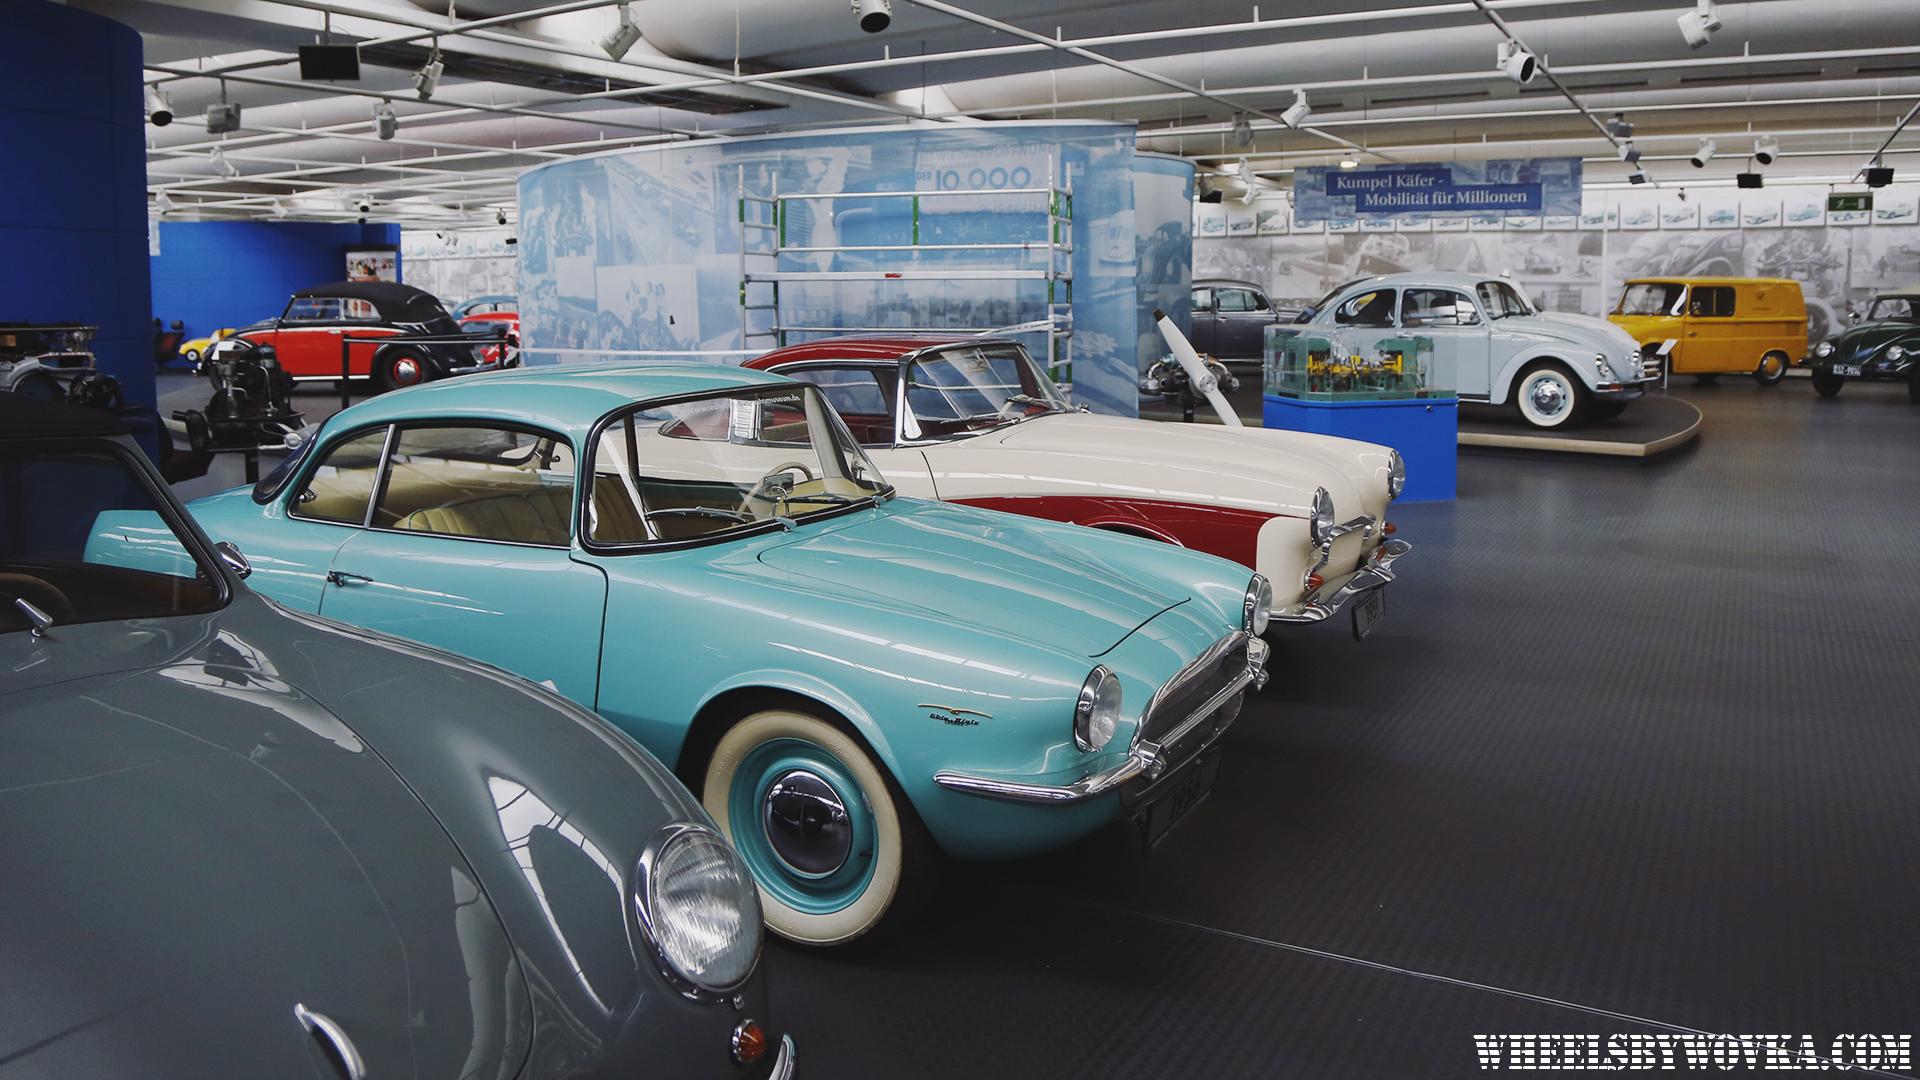 volkswagen-vw-museum-wolfsbourg-tour-by-wheelsbywovka-17